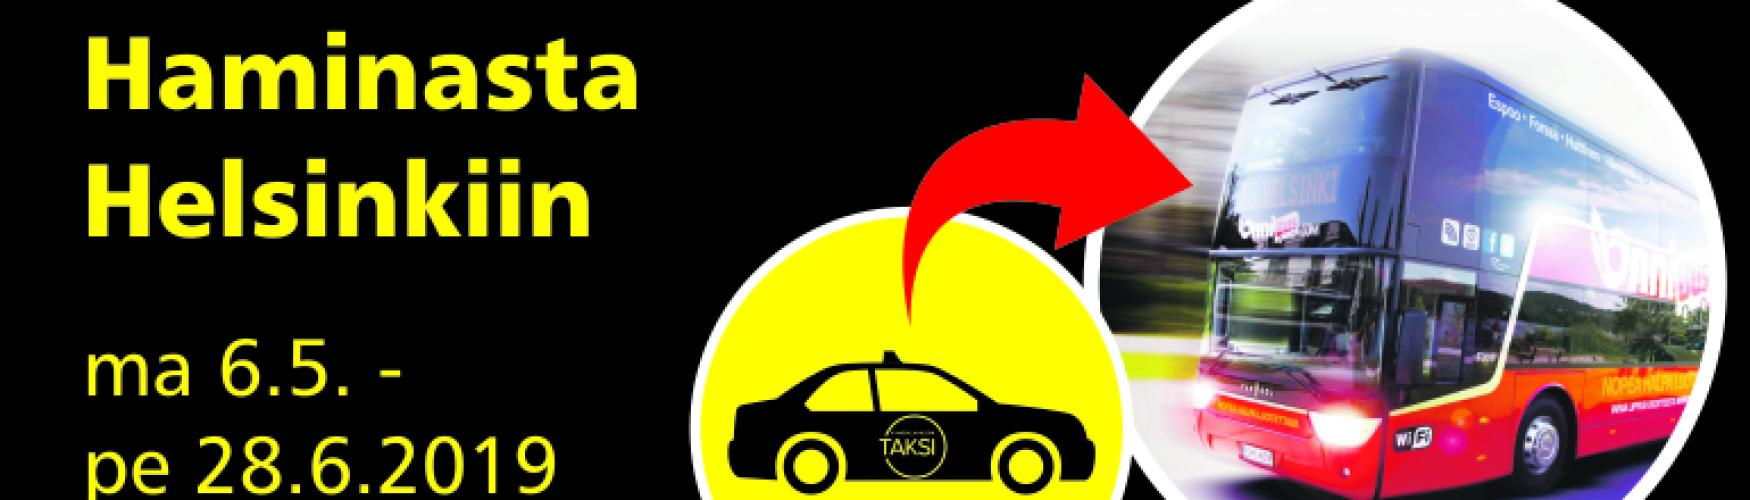 Juna_taksi_palvelu